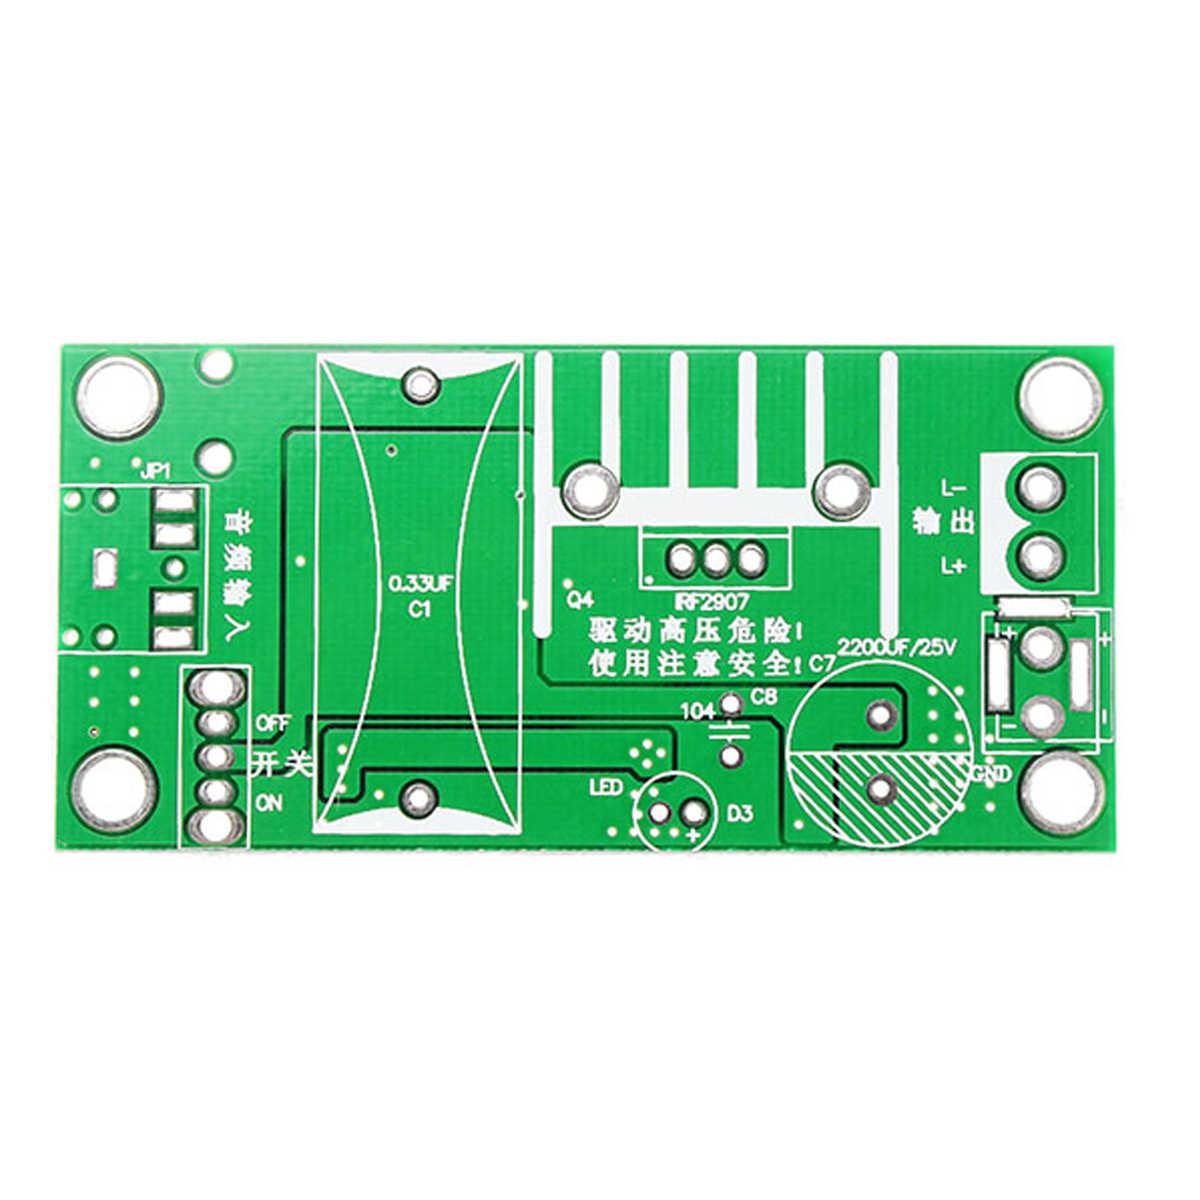 Leory 20KV ZVS для катушки Тесла усилитель высокого напряжения генератор плазменной музыки дуги Сделай Сам спикер комплект